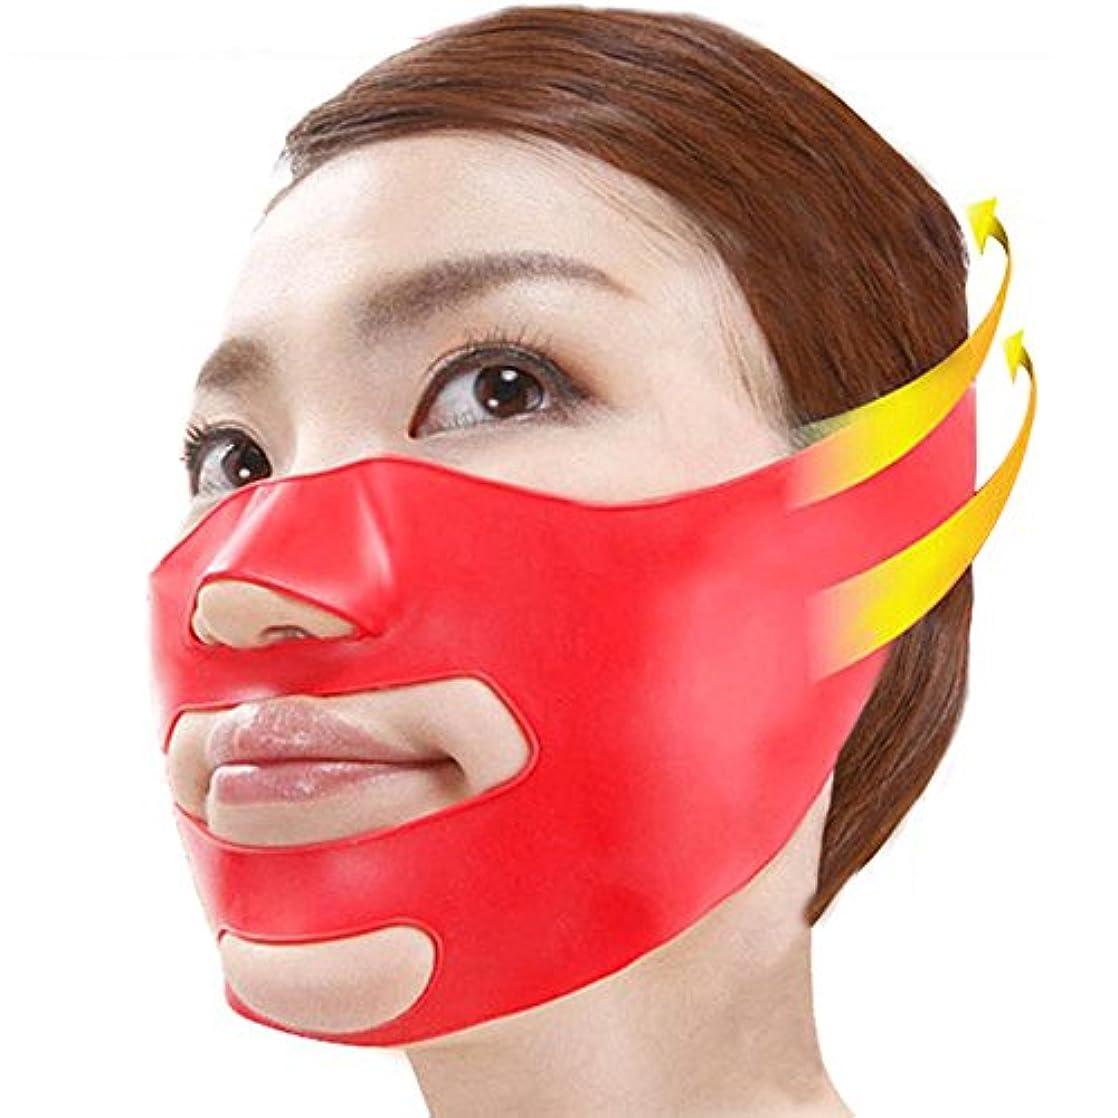 バタフライ喜劇生3D 小顔 マッサージグッズ フェイスマスク 美容 顔痩せ ほうれい線 消す グッズ 美顔 矯正 (フリーサイズ, レッド)